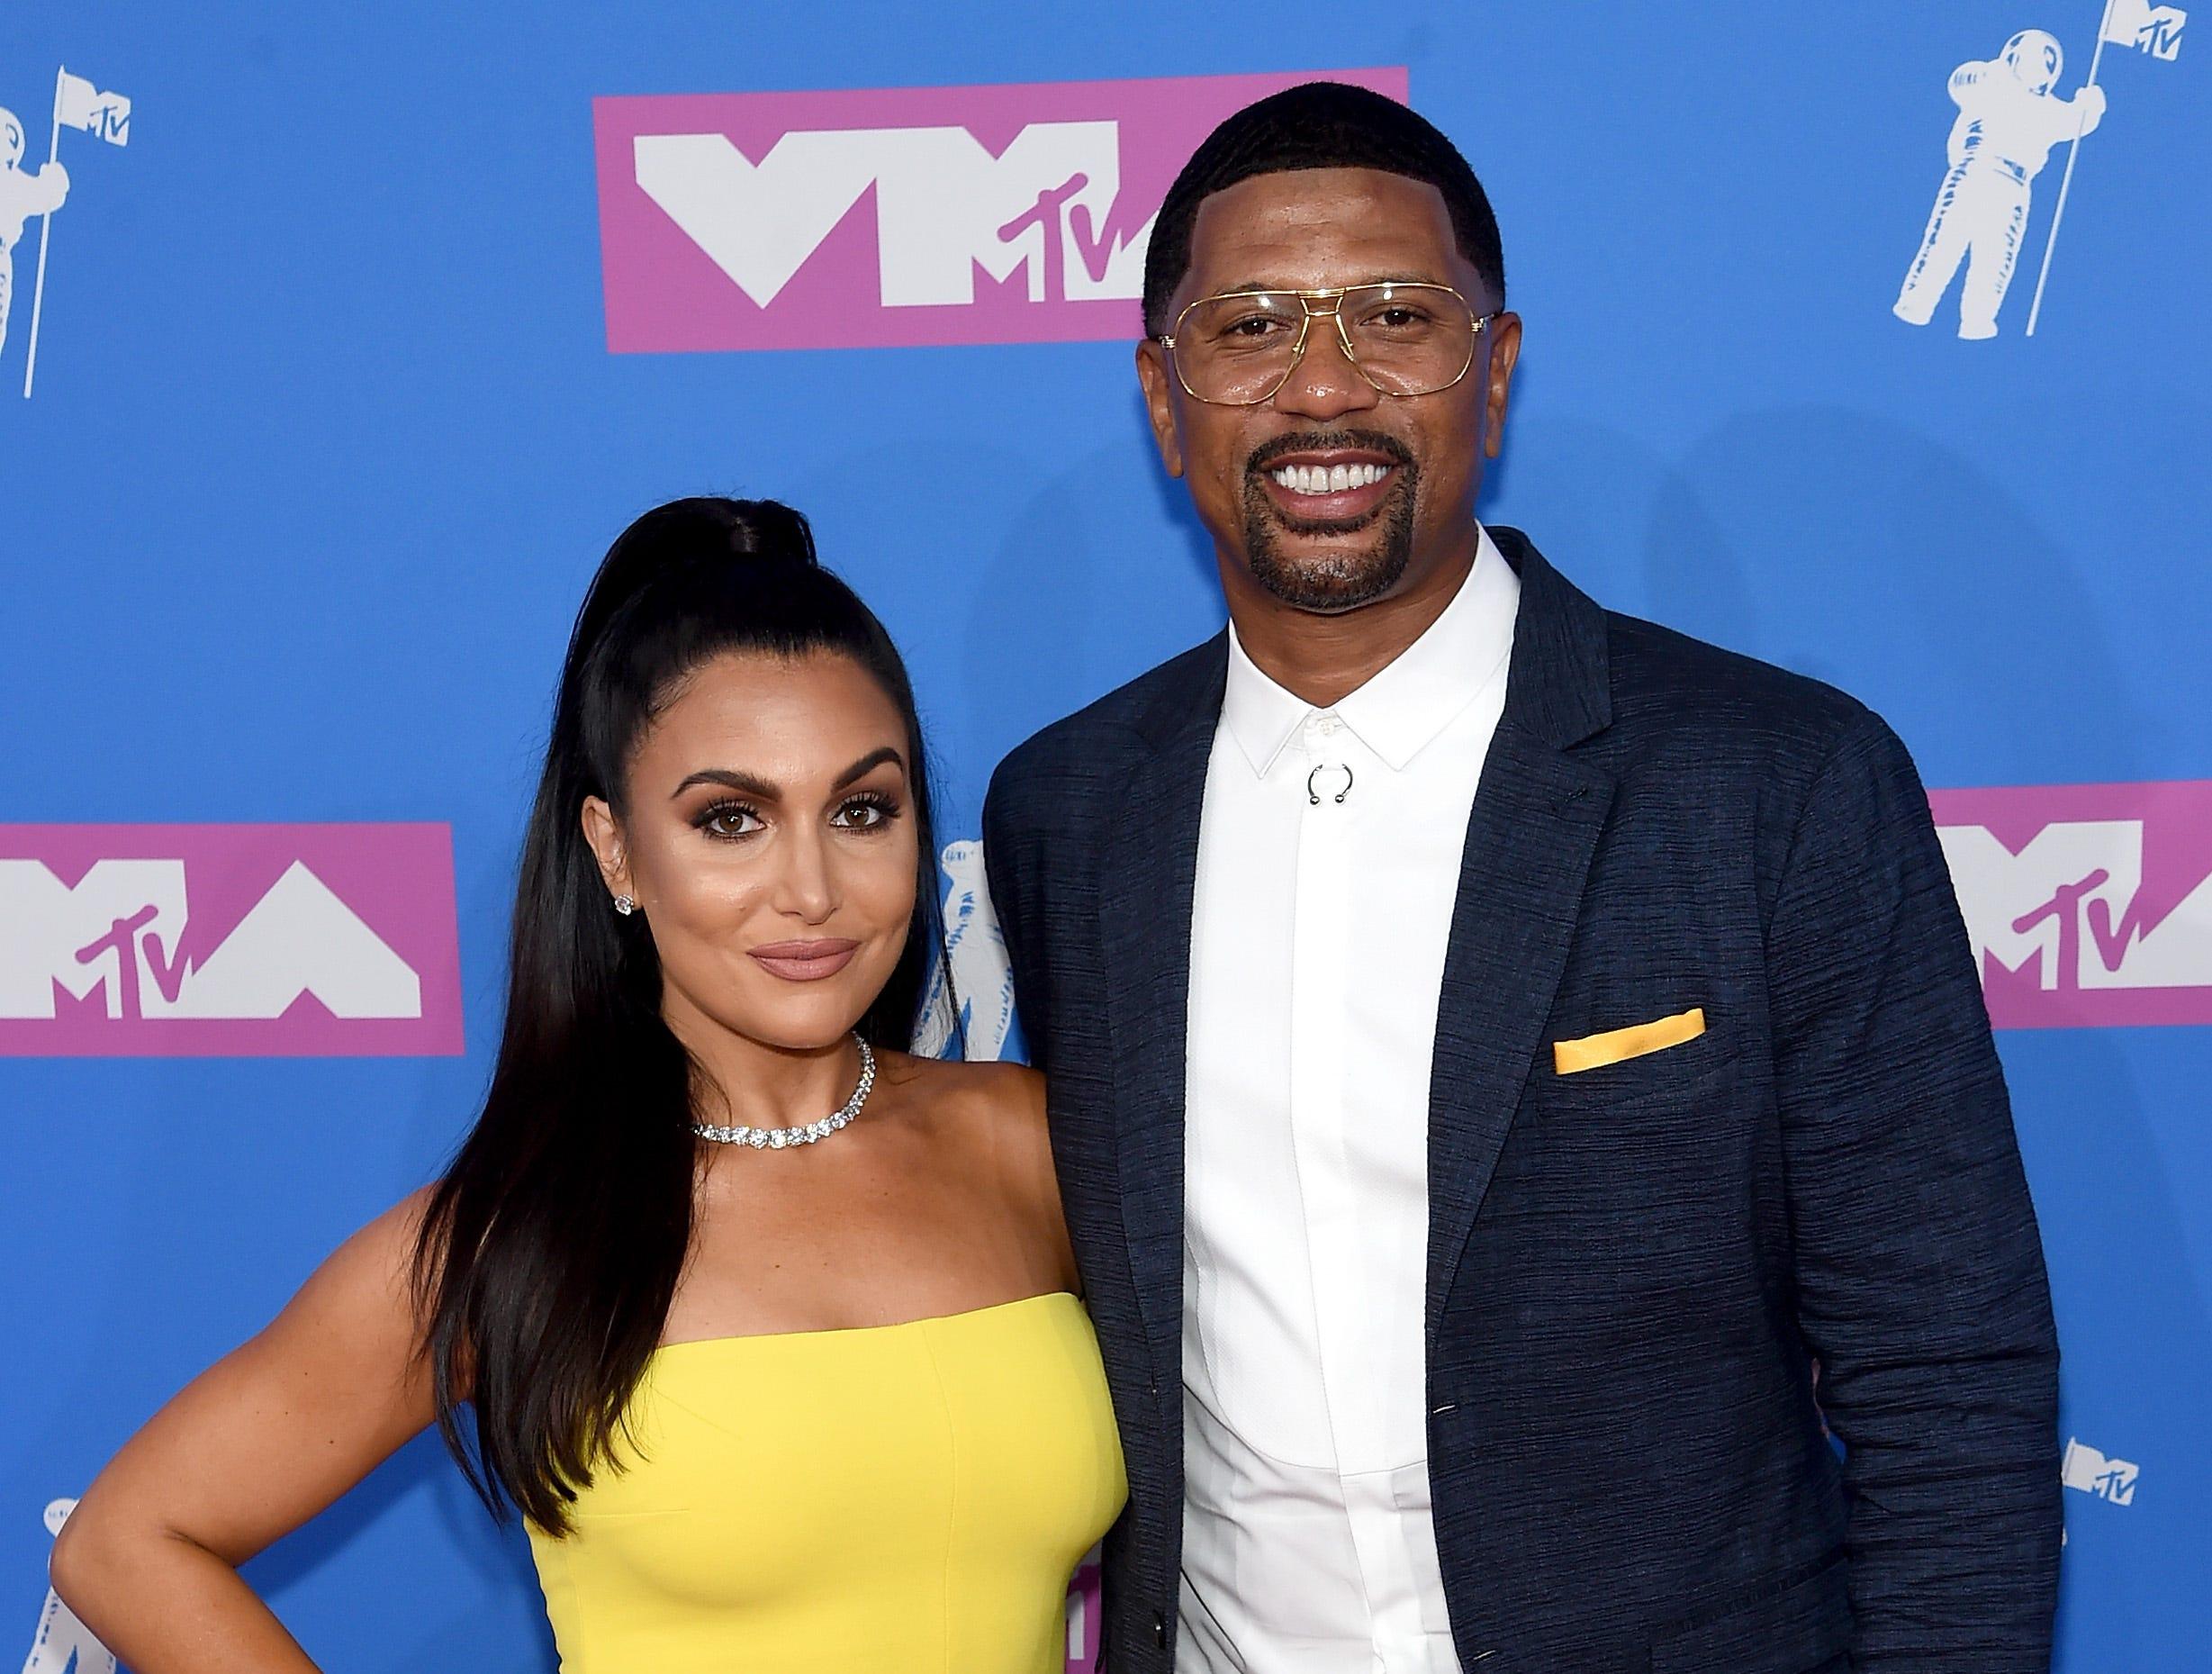 Molly Qerim y Jalen Rose asisten a los MTV Video Music Awards 2018 en el Radio City Music Hall el 20 de agosto de 2018 en la ciudad de Nueva York.